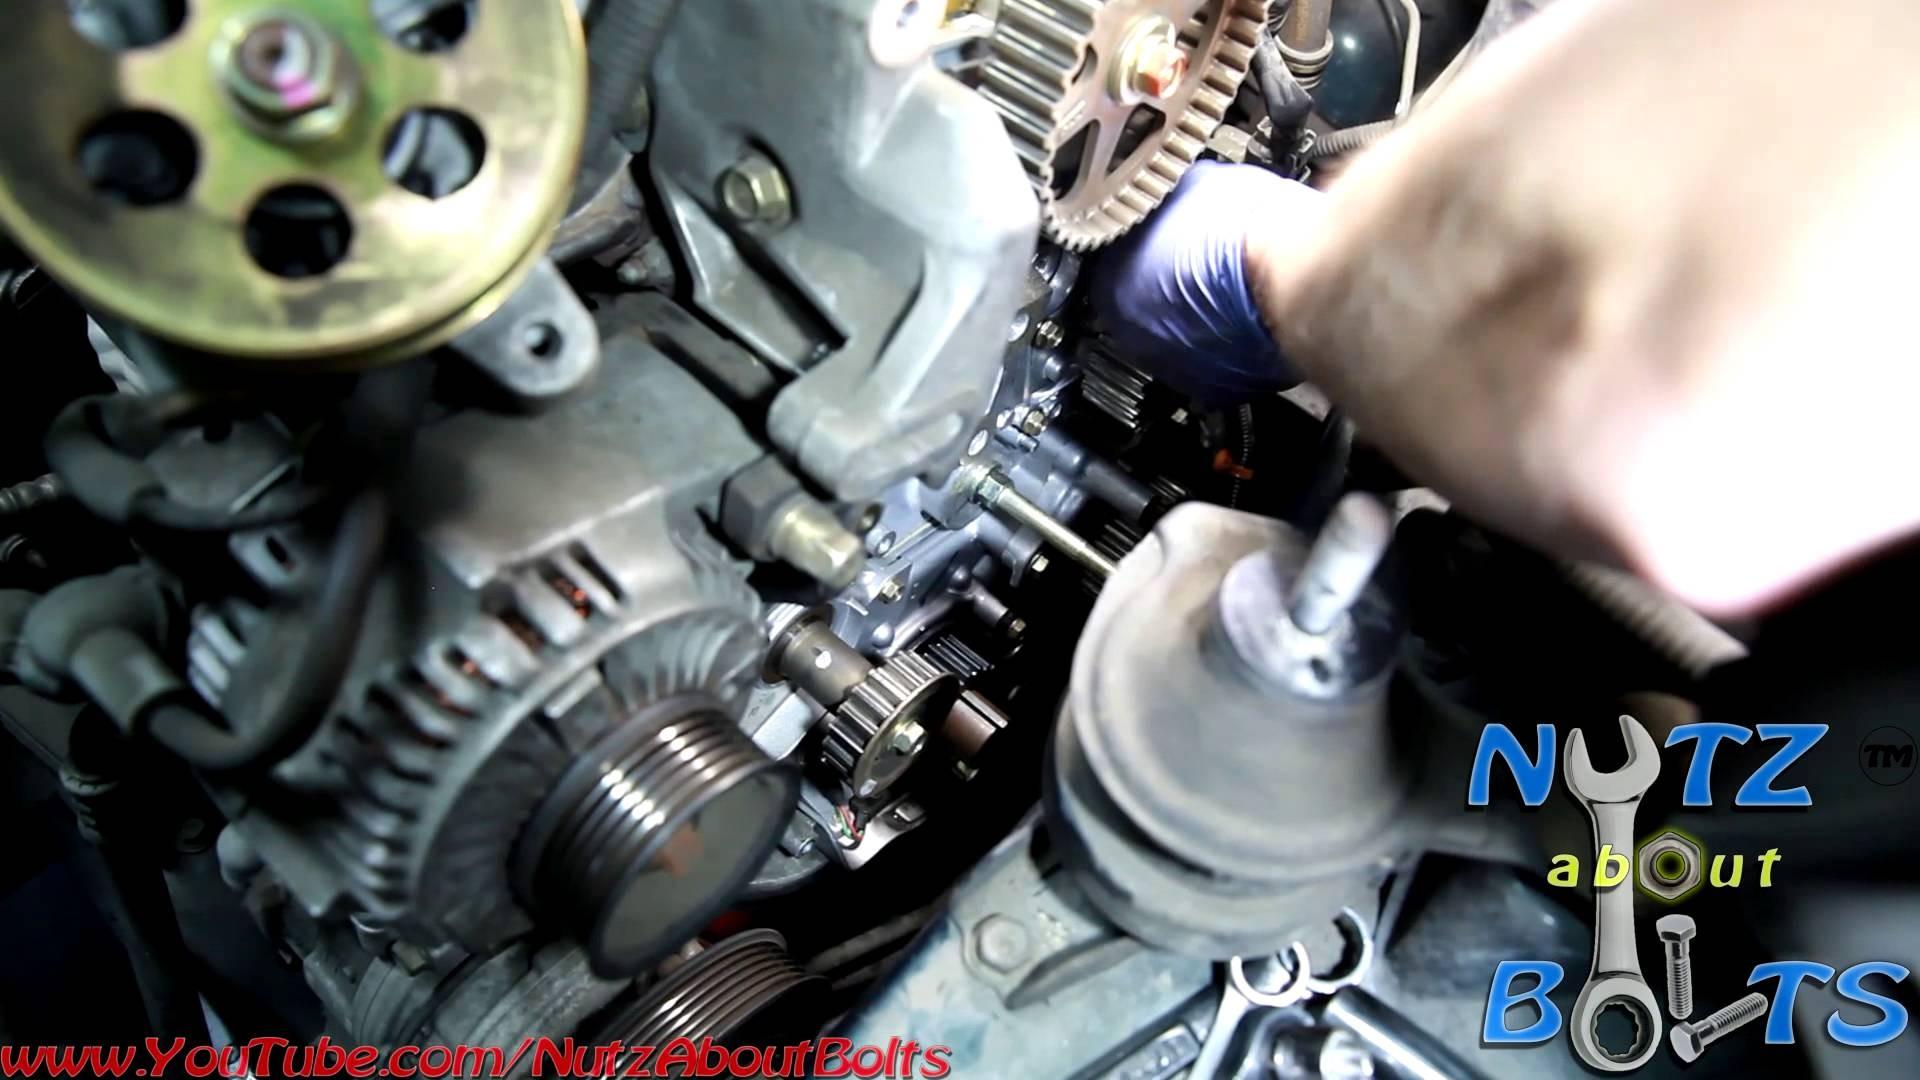 1997 honda accord engine diagram 1998 2002 honda accord timing belt replacement with water pump of 1997 honda accord engine diagram 1997 honda accord engine diagram 1998 2002 honda accord timing belt